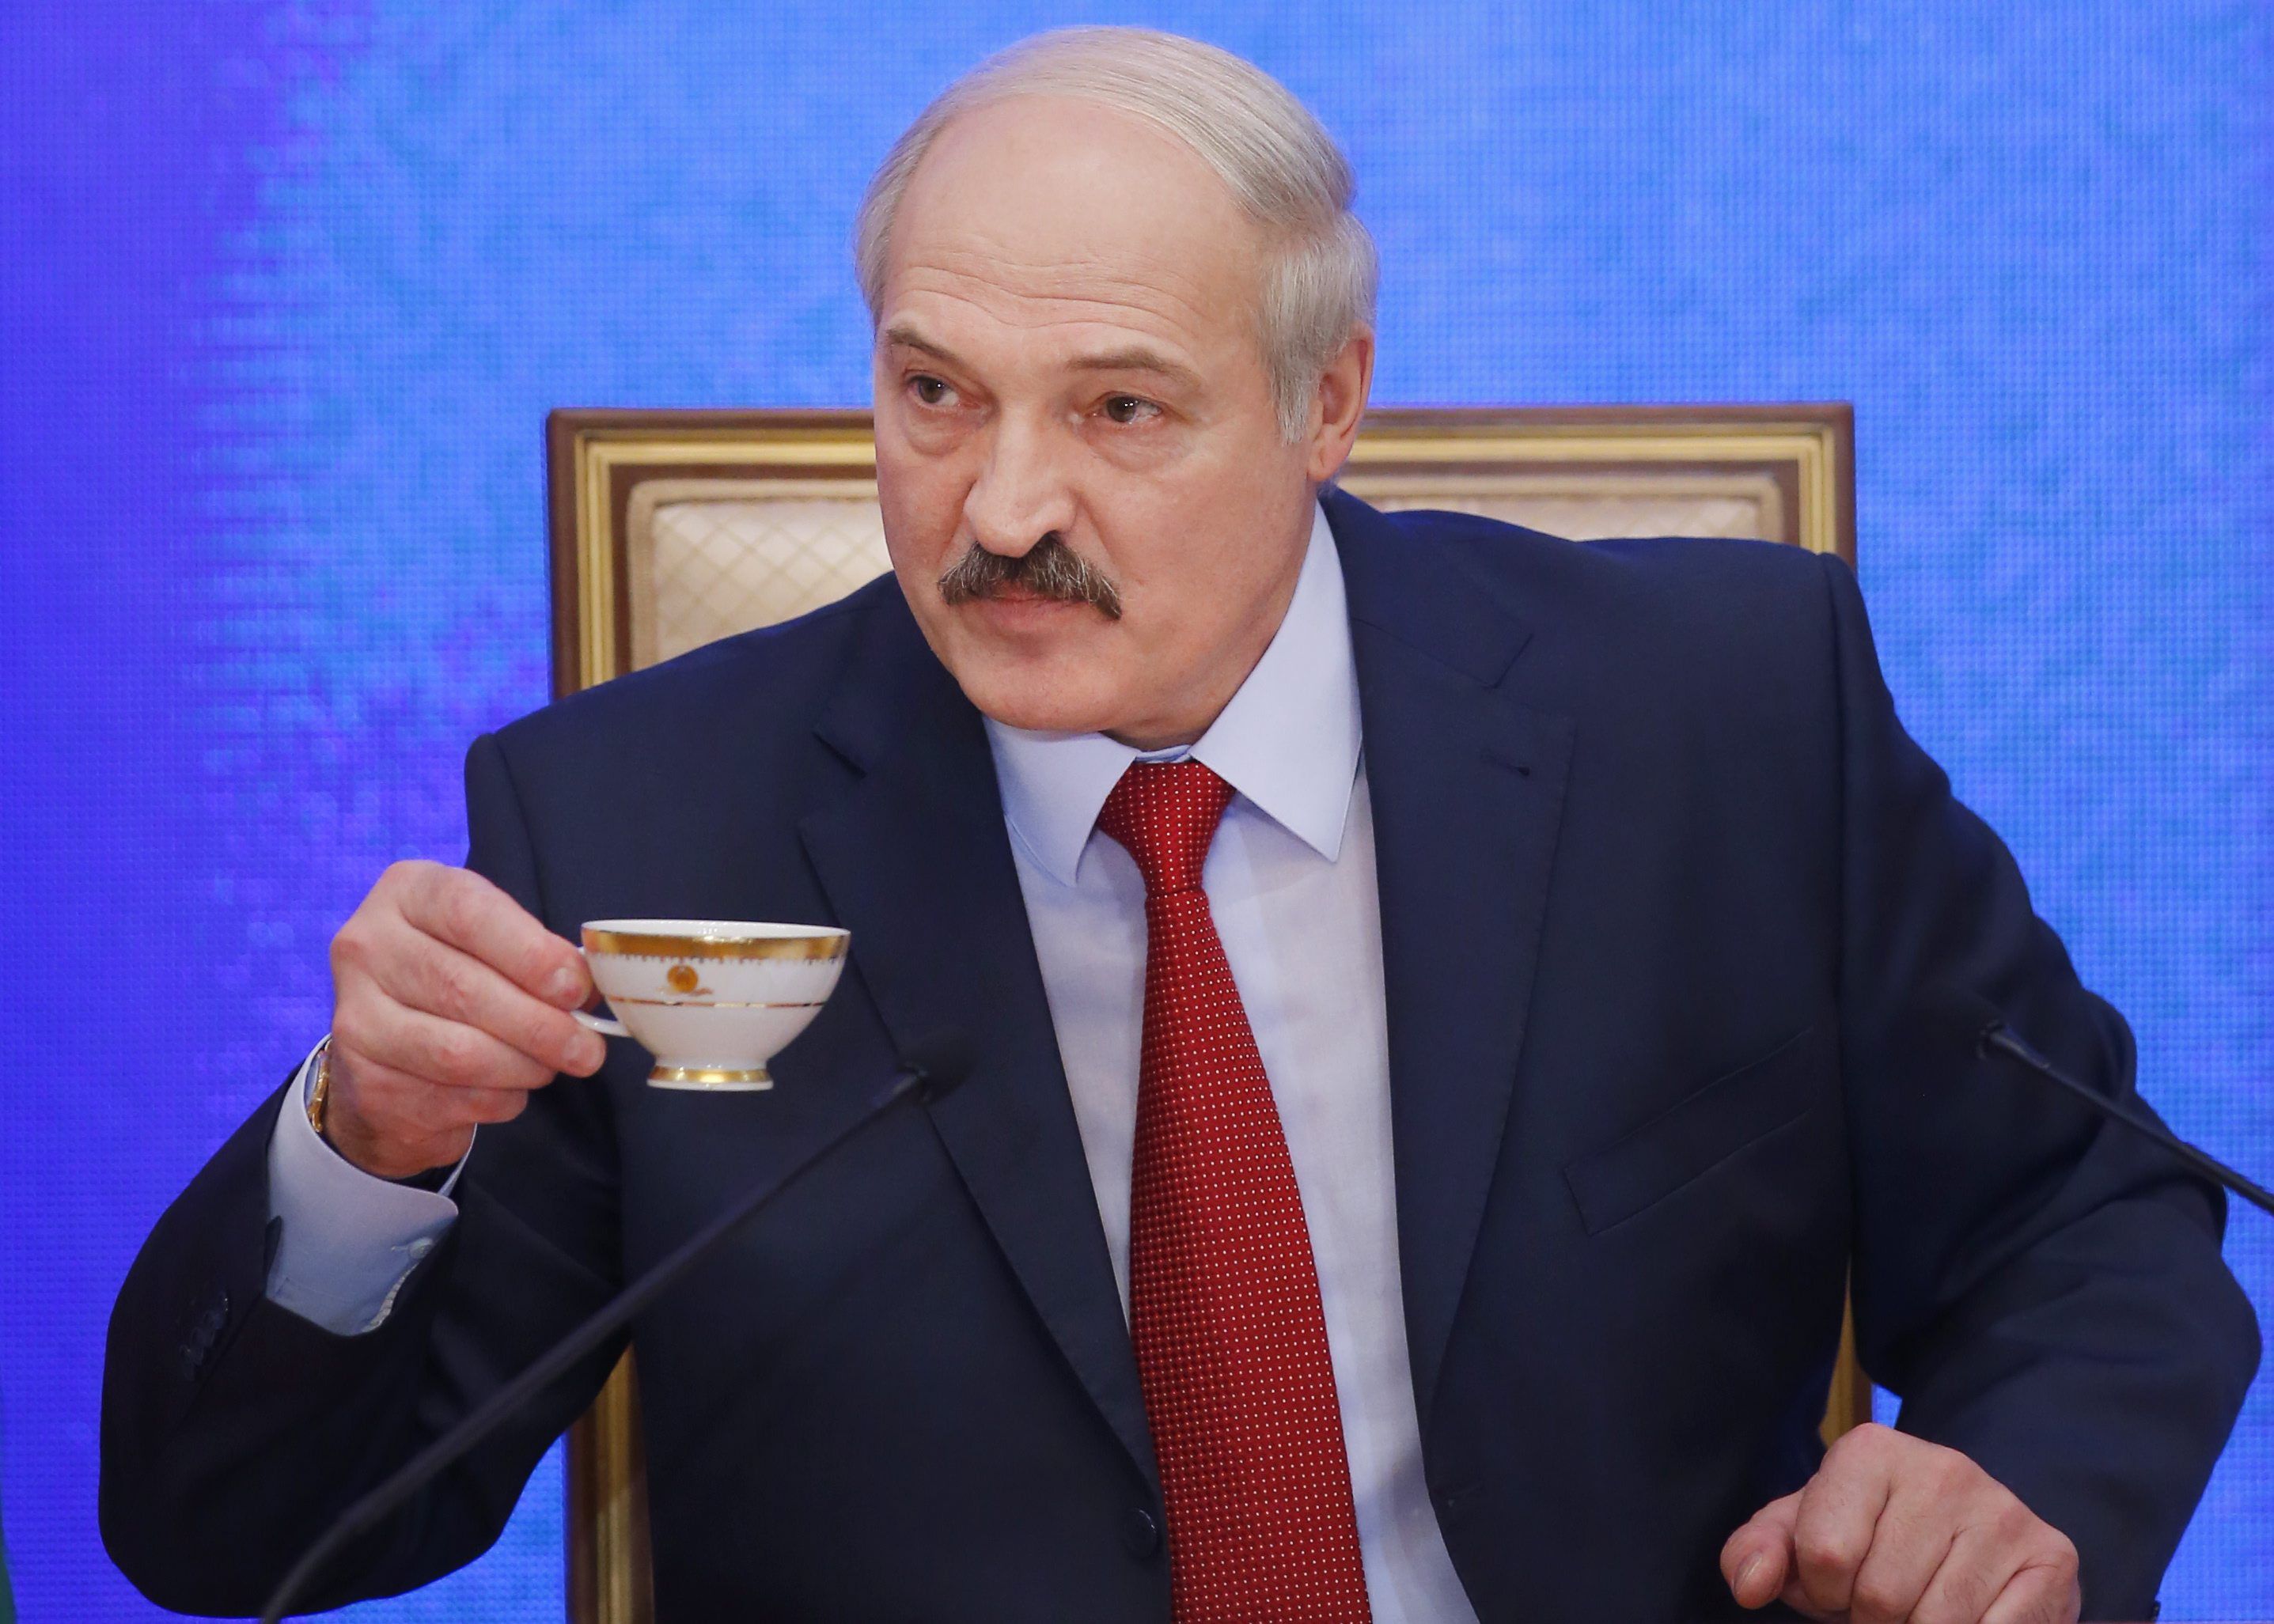 Alexander_Lukaschenko_weißrussland_sanktionen_lockern_eu_steinmeier